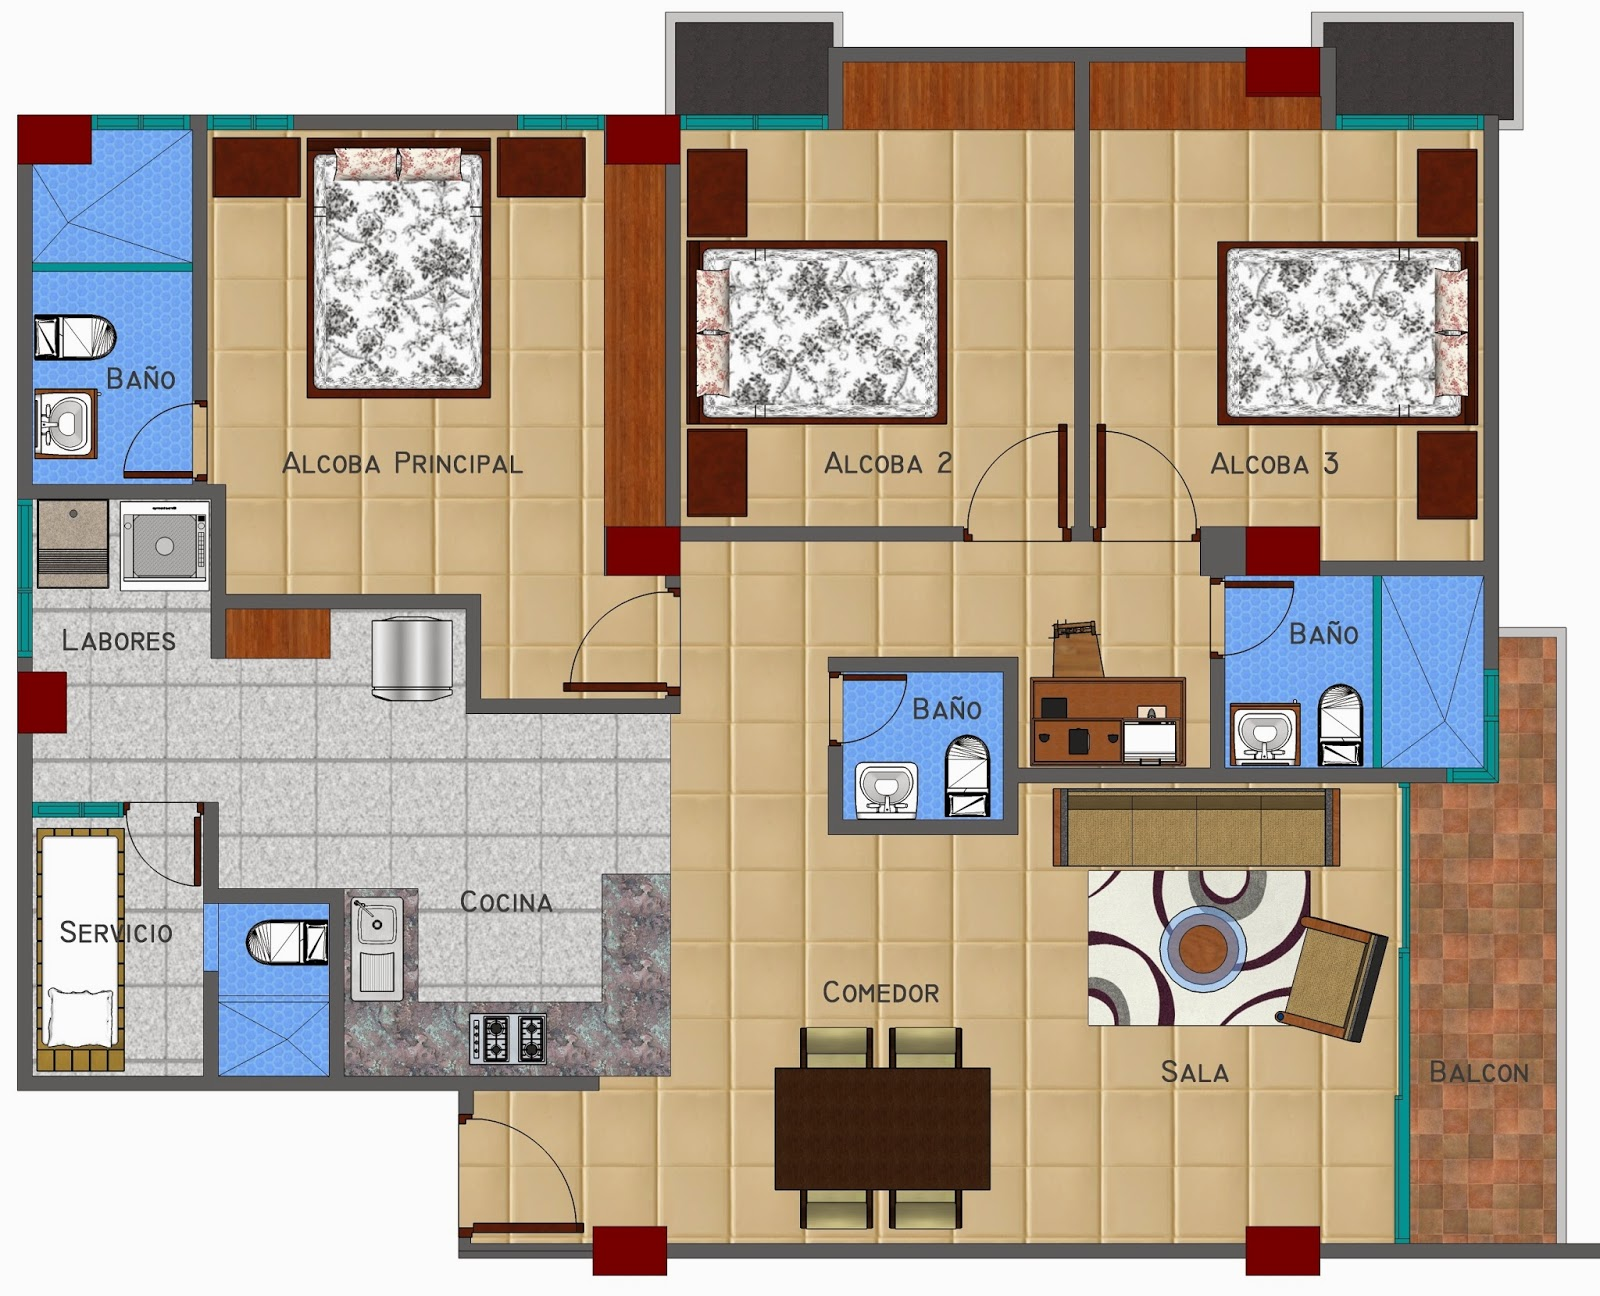 Planos apartamentos edificio chelsea for Planos de cocina sala comedor